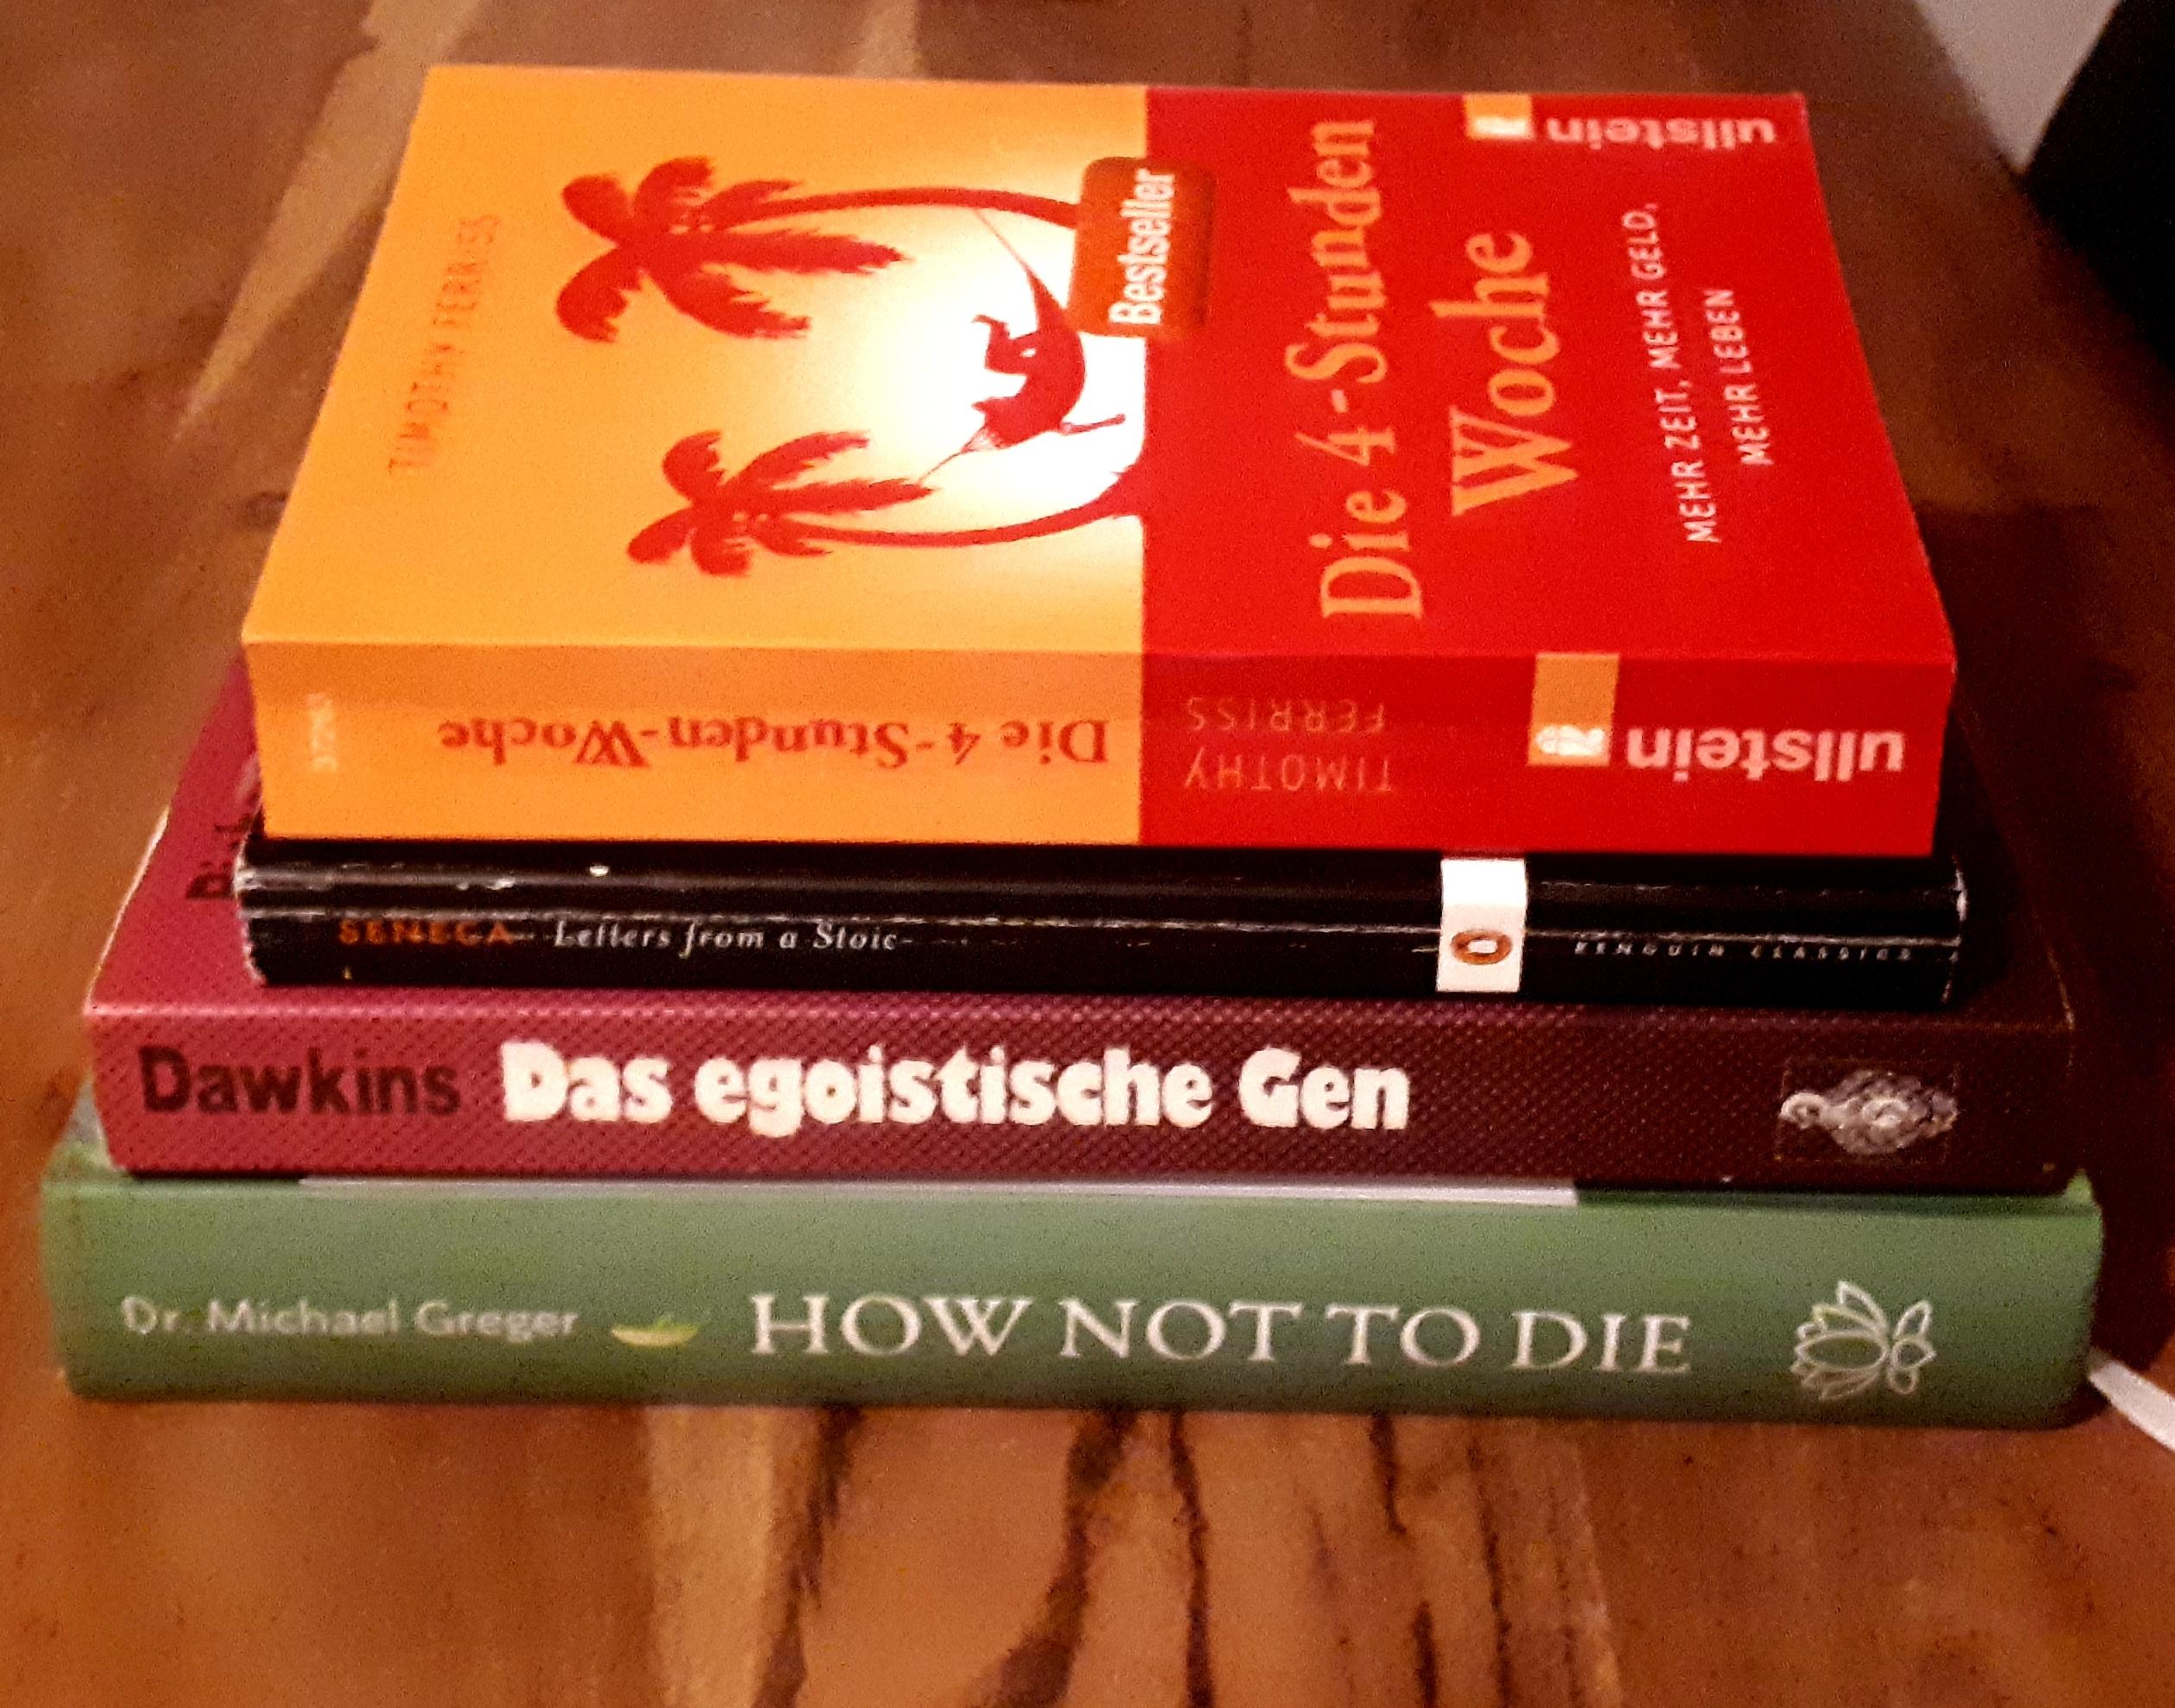 Bücher, die ich zuletzt einfach zugeklappt und weggelegt habe (, auch wenn ich bei einigen zumindest bis zur Hälfte sehr angetan war).